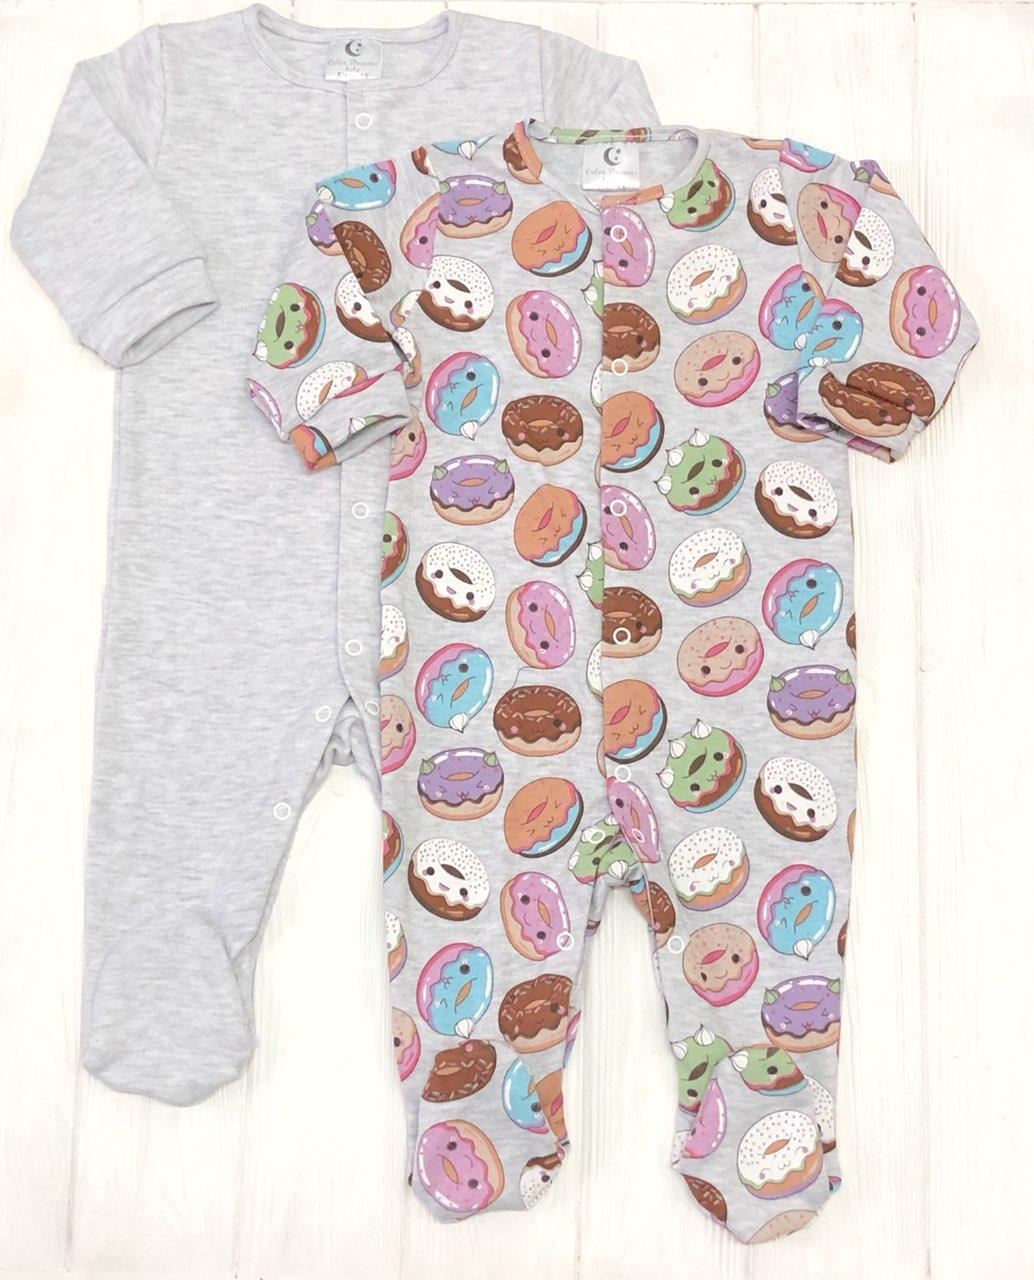 Яркий детский комплект из 2 единиц для новорожденного Человечков,слипов Пончики+меланж